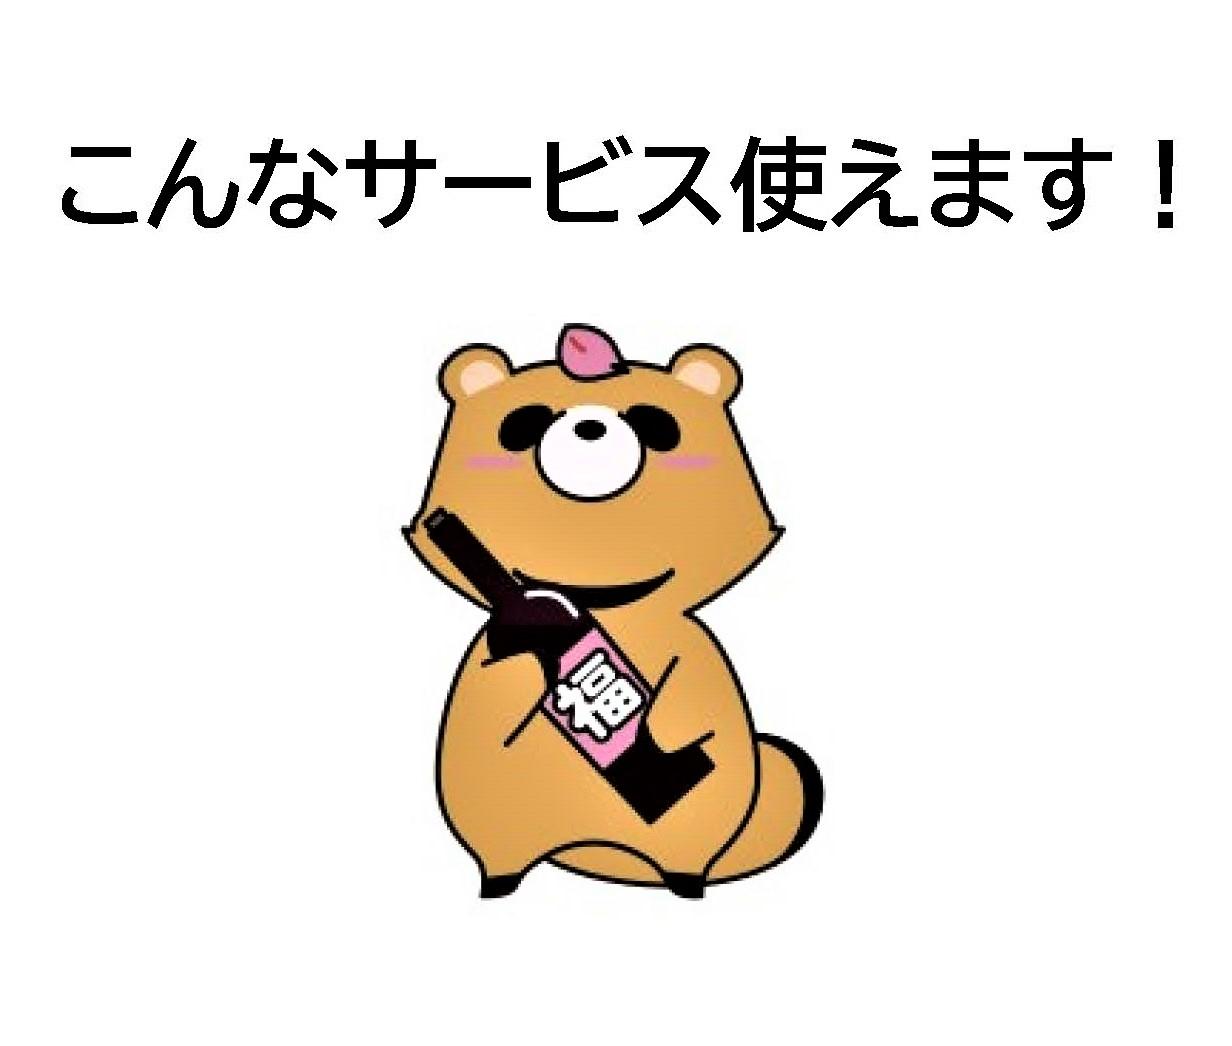 2021年度分 東京ディズニーリゾート・コーポレートプログラム利用券